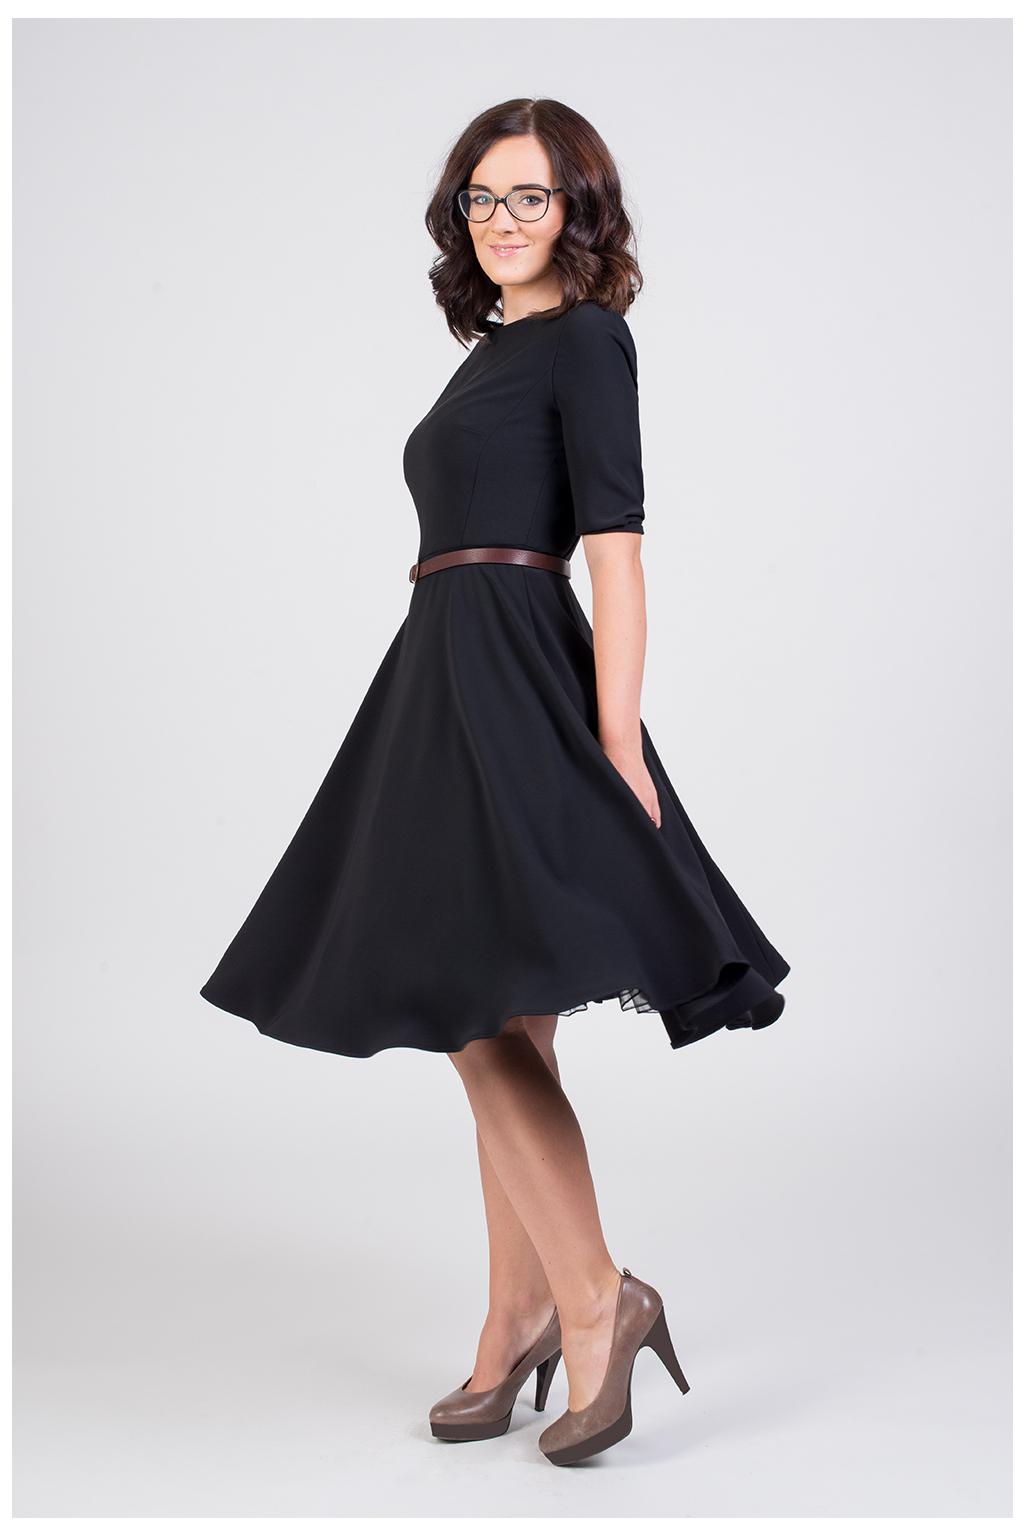 ADELE retro šaty - černa, tmavě modra, královsky modrá